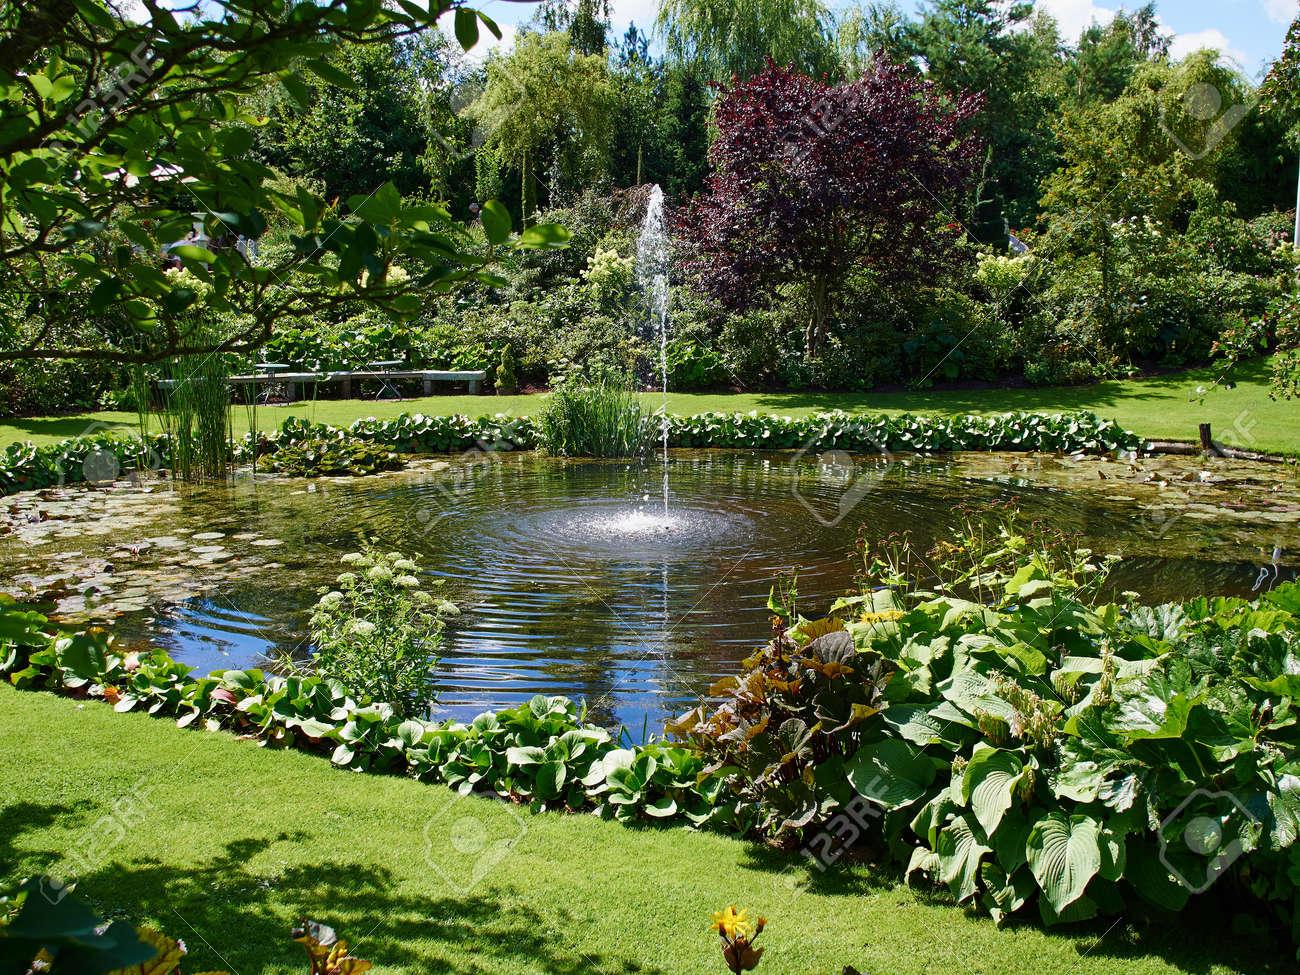 zierteich und wasserbrunnen in einem schönen kreativen grünen